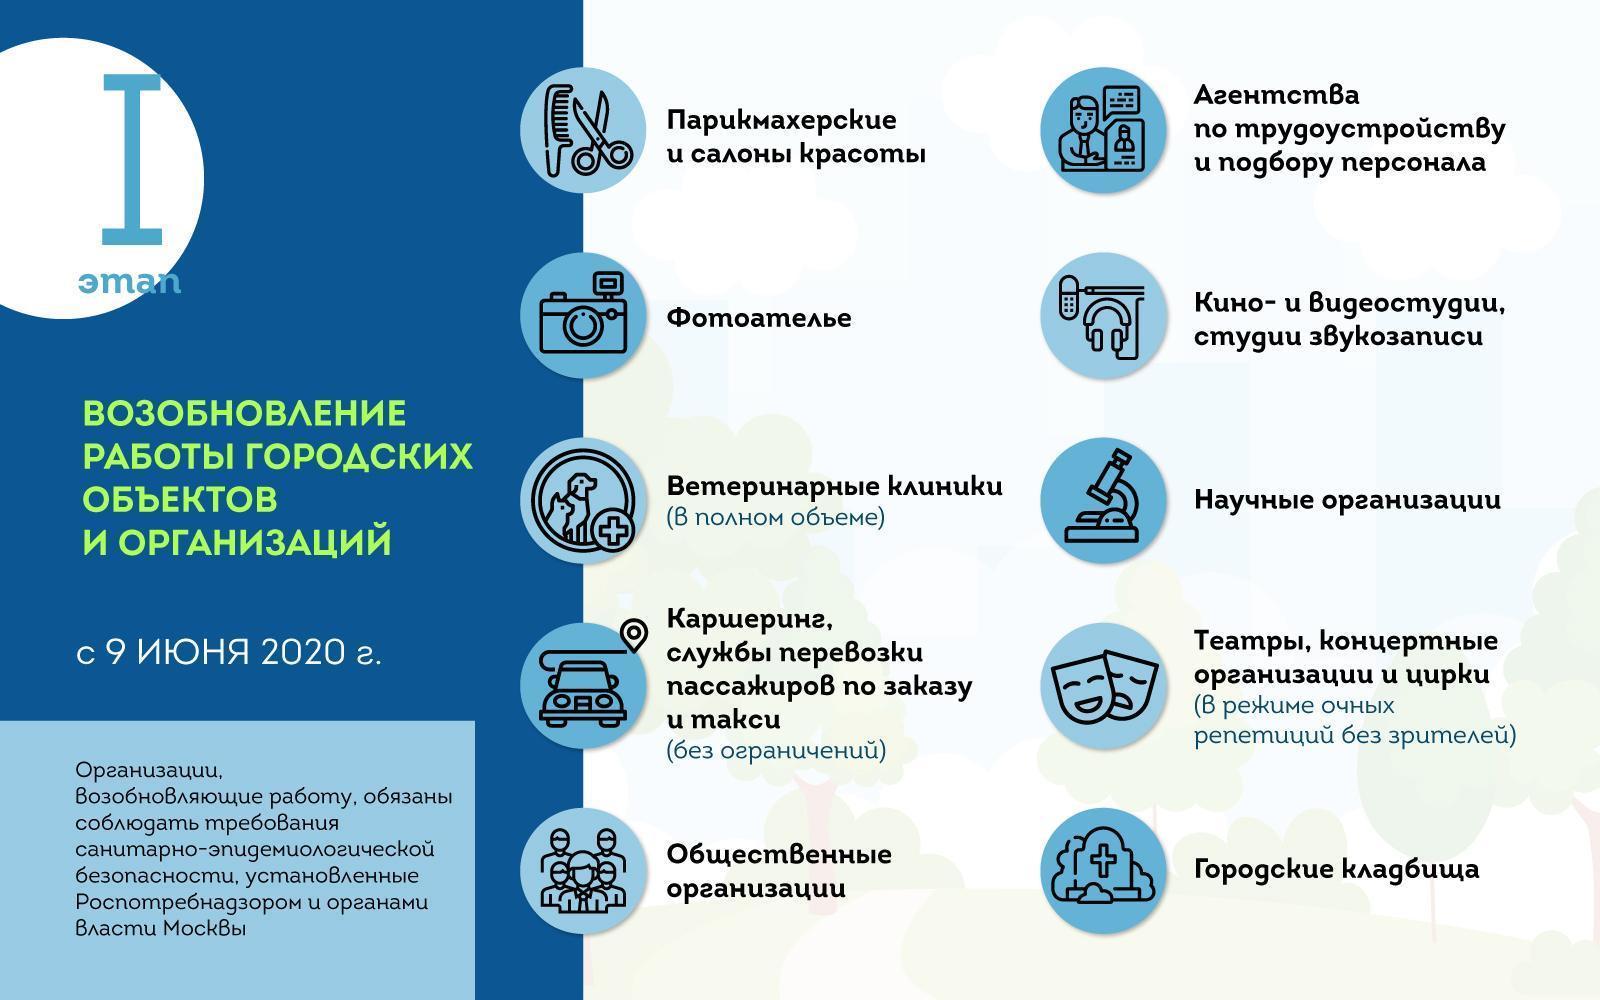 В Москве отменили режим пропусков (08 06 20 web 0001005)